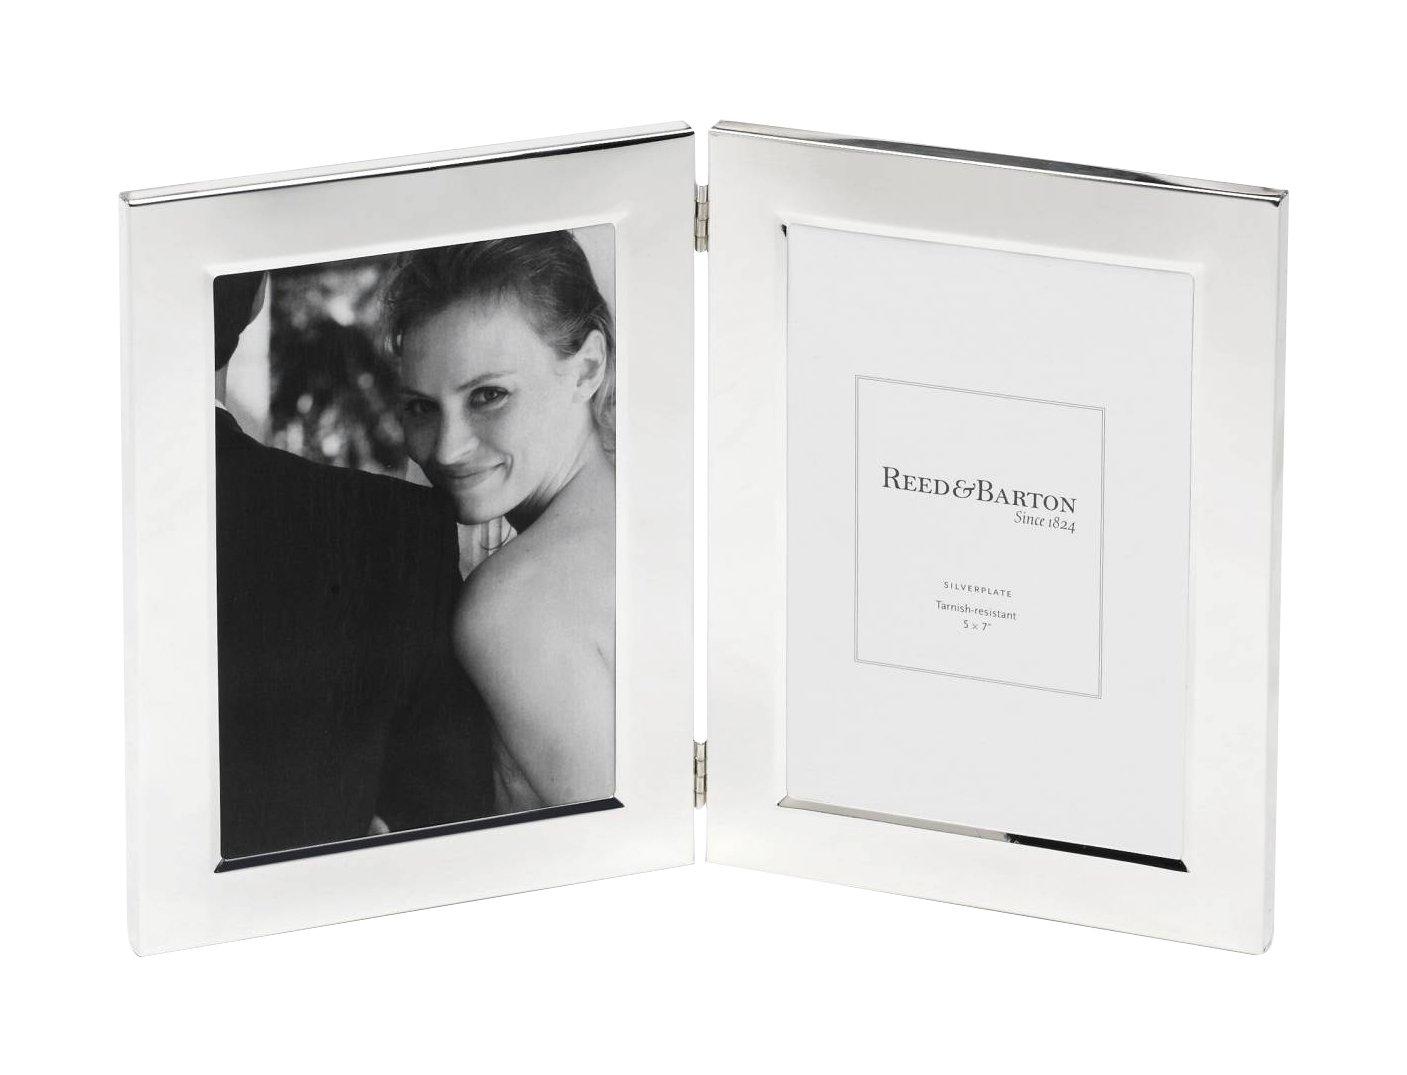 e4ea2b9e5c83 Amazon.com - Reed   Barton Classic Silver plate Double Frame